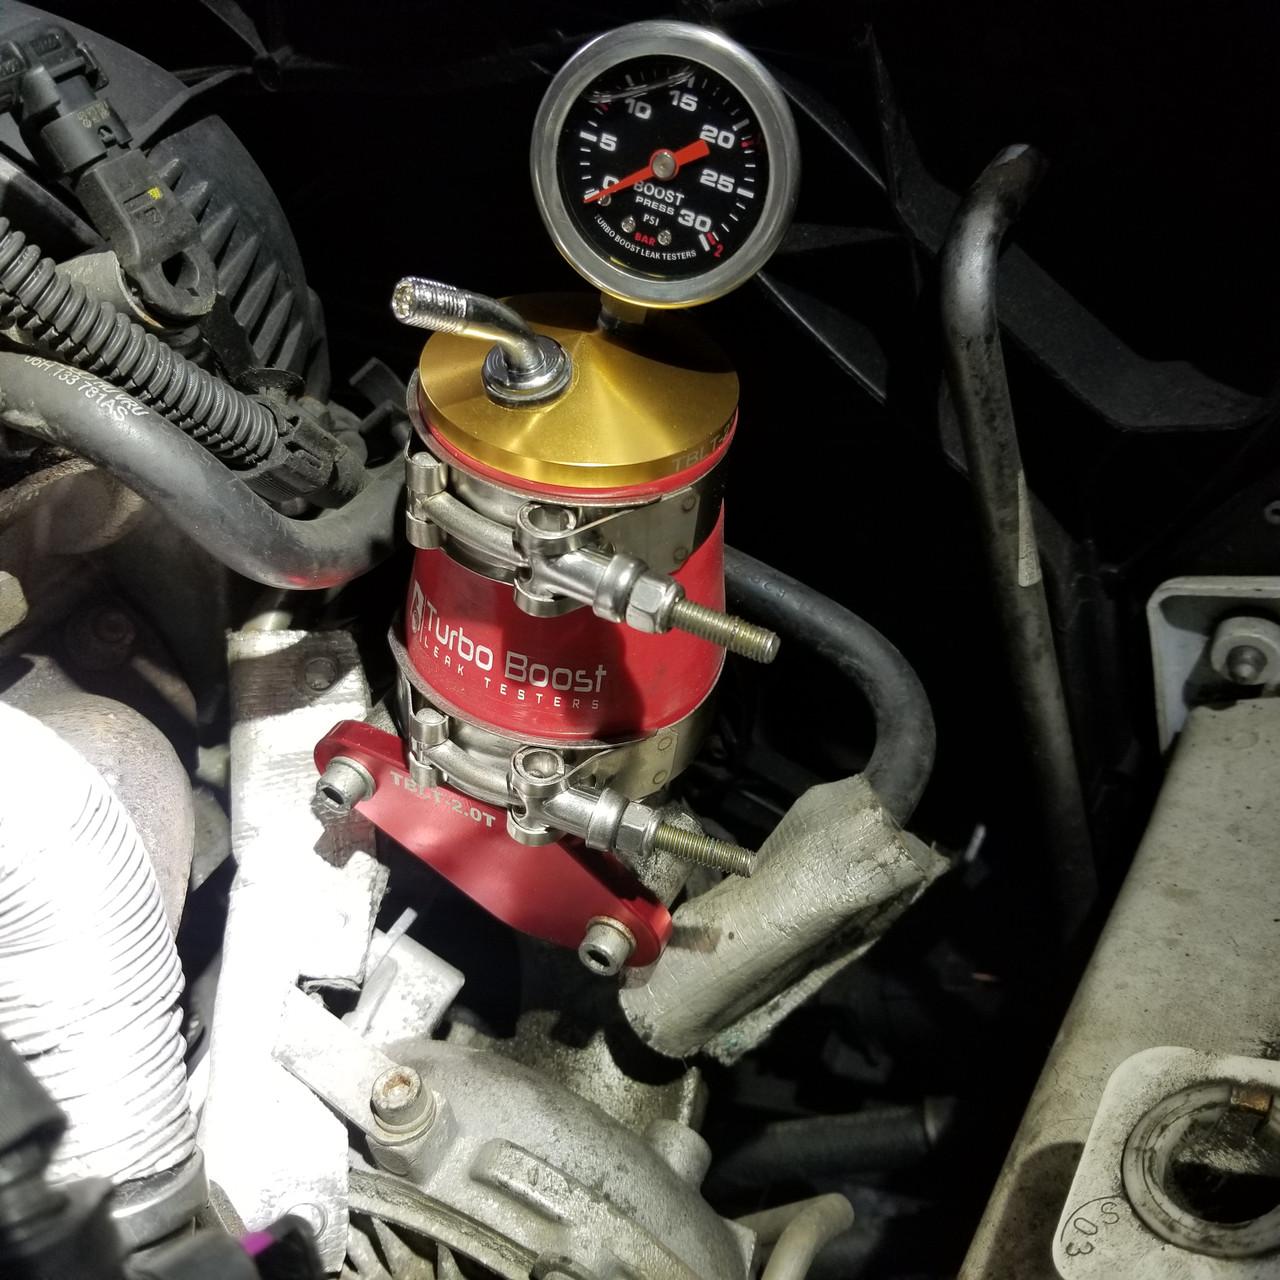 PCV Return CAP for Ea888 VW & Audi 2.0T Turbo - Billet Aluminum w/ o-ring